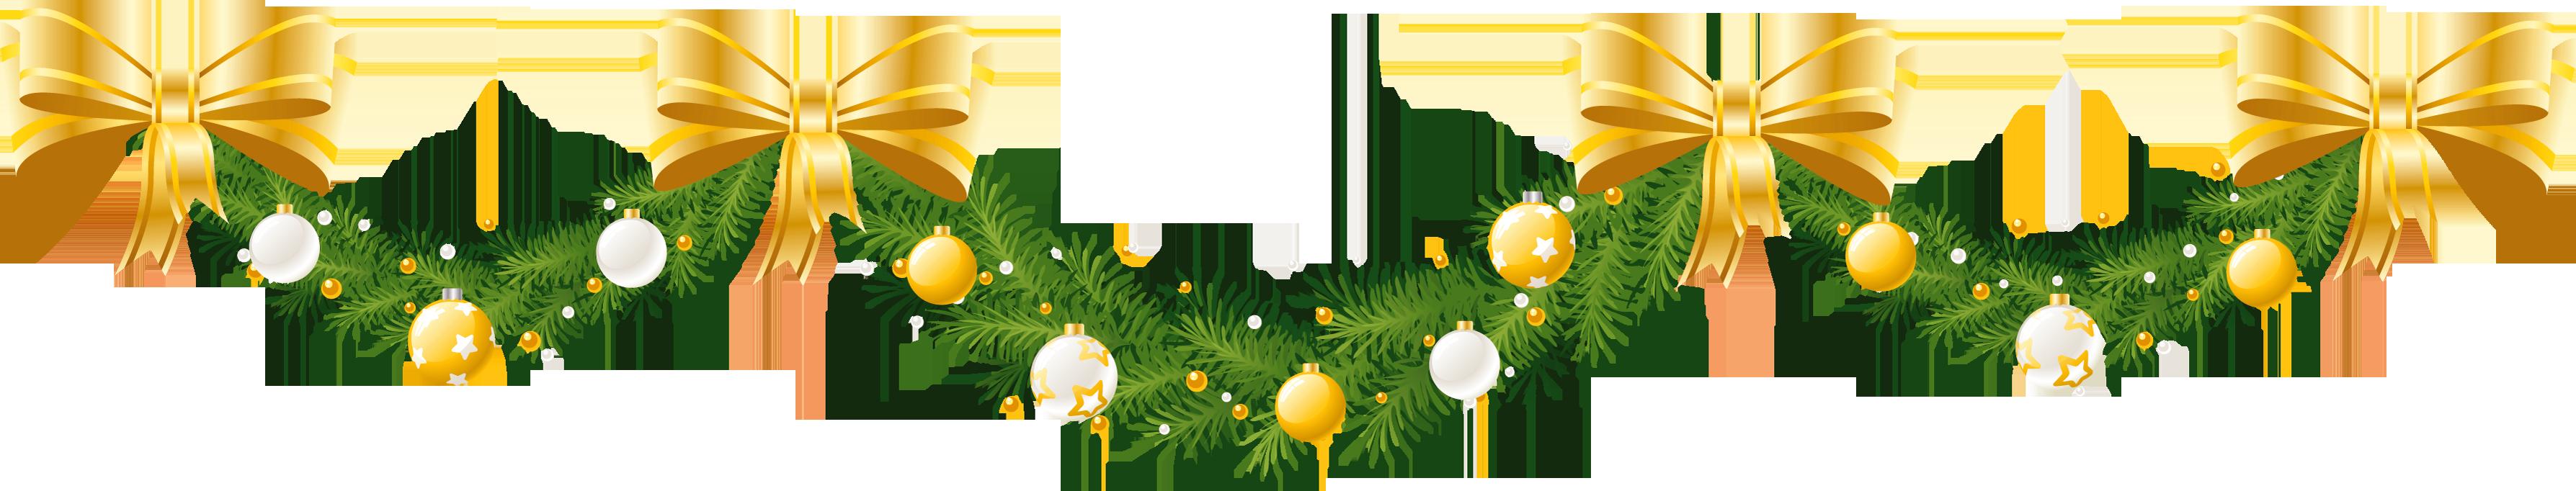 Christmas Garland Clip Art - ClipArt Best